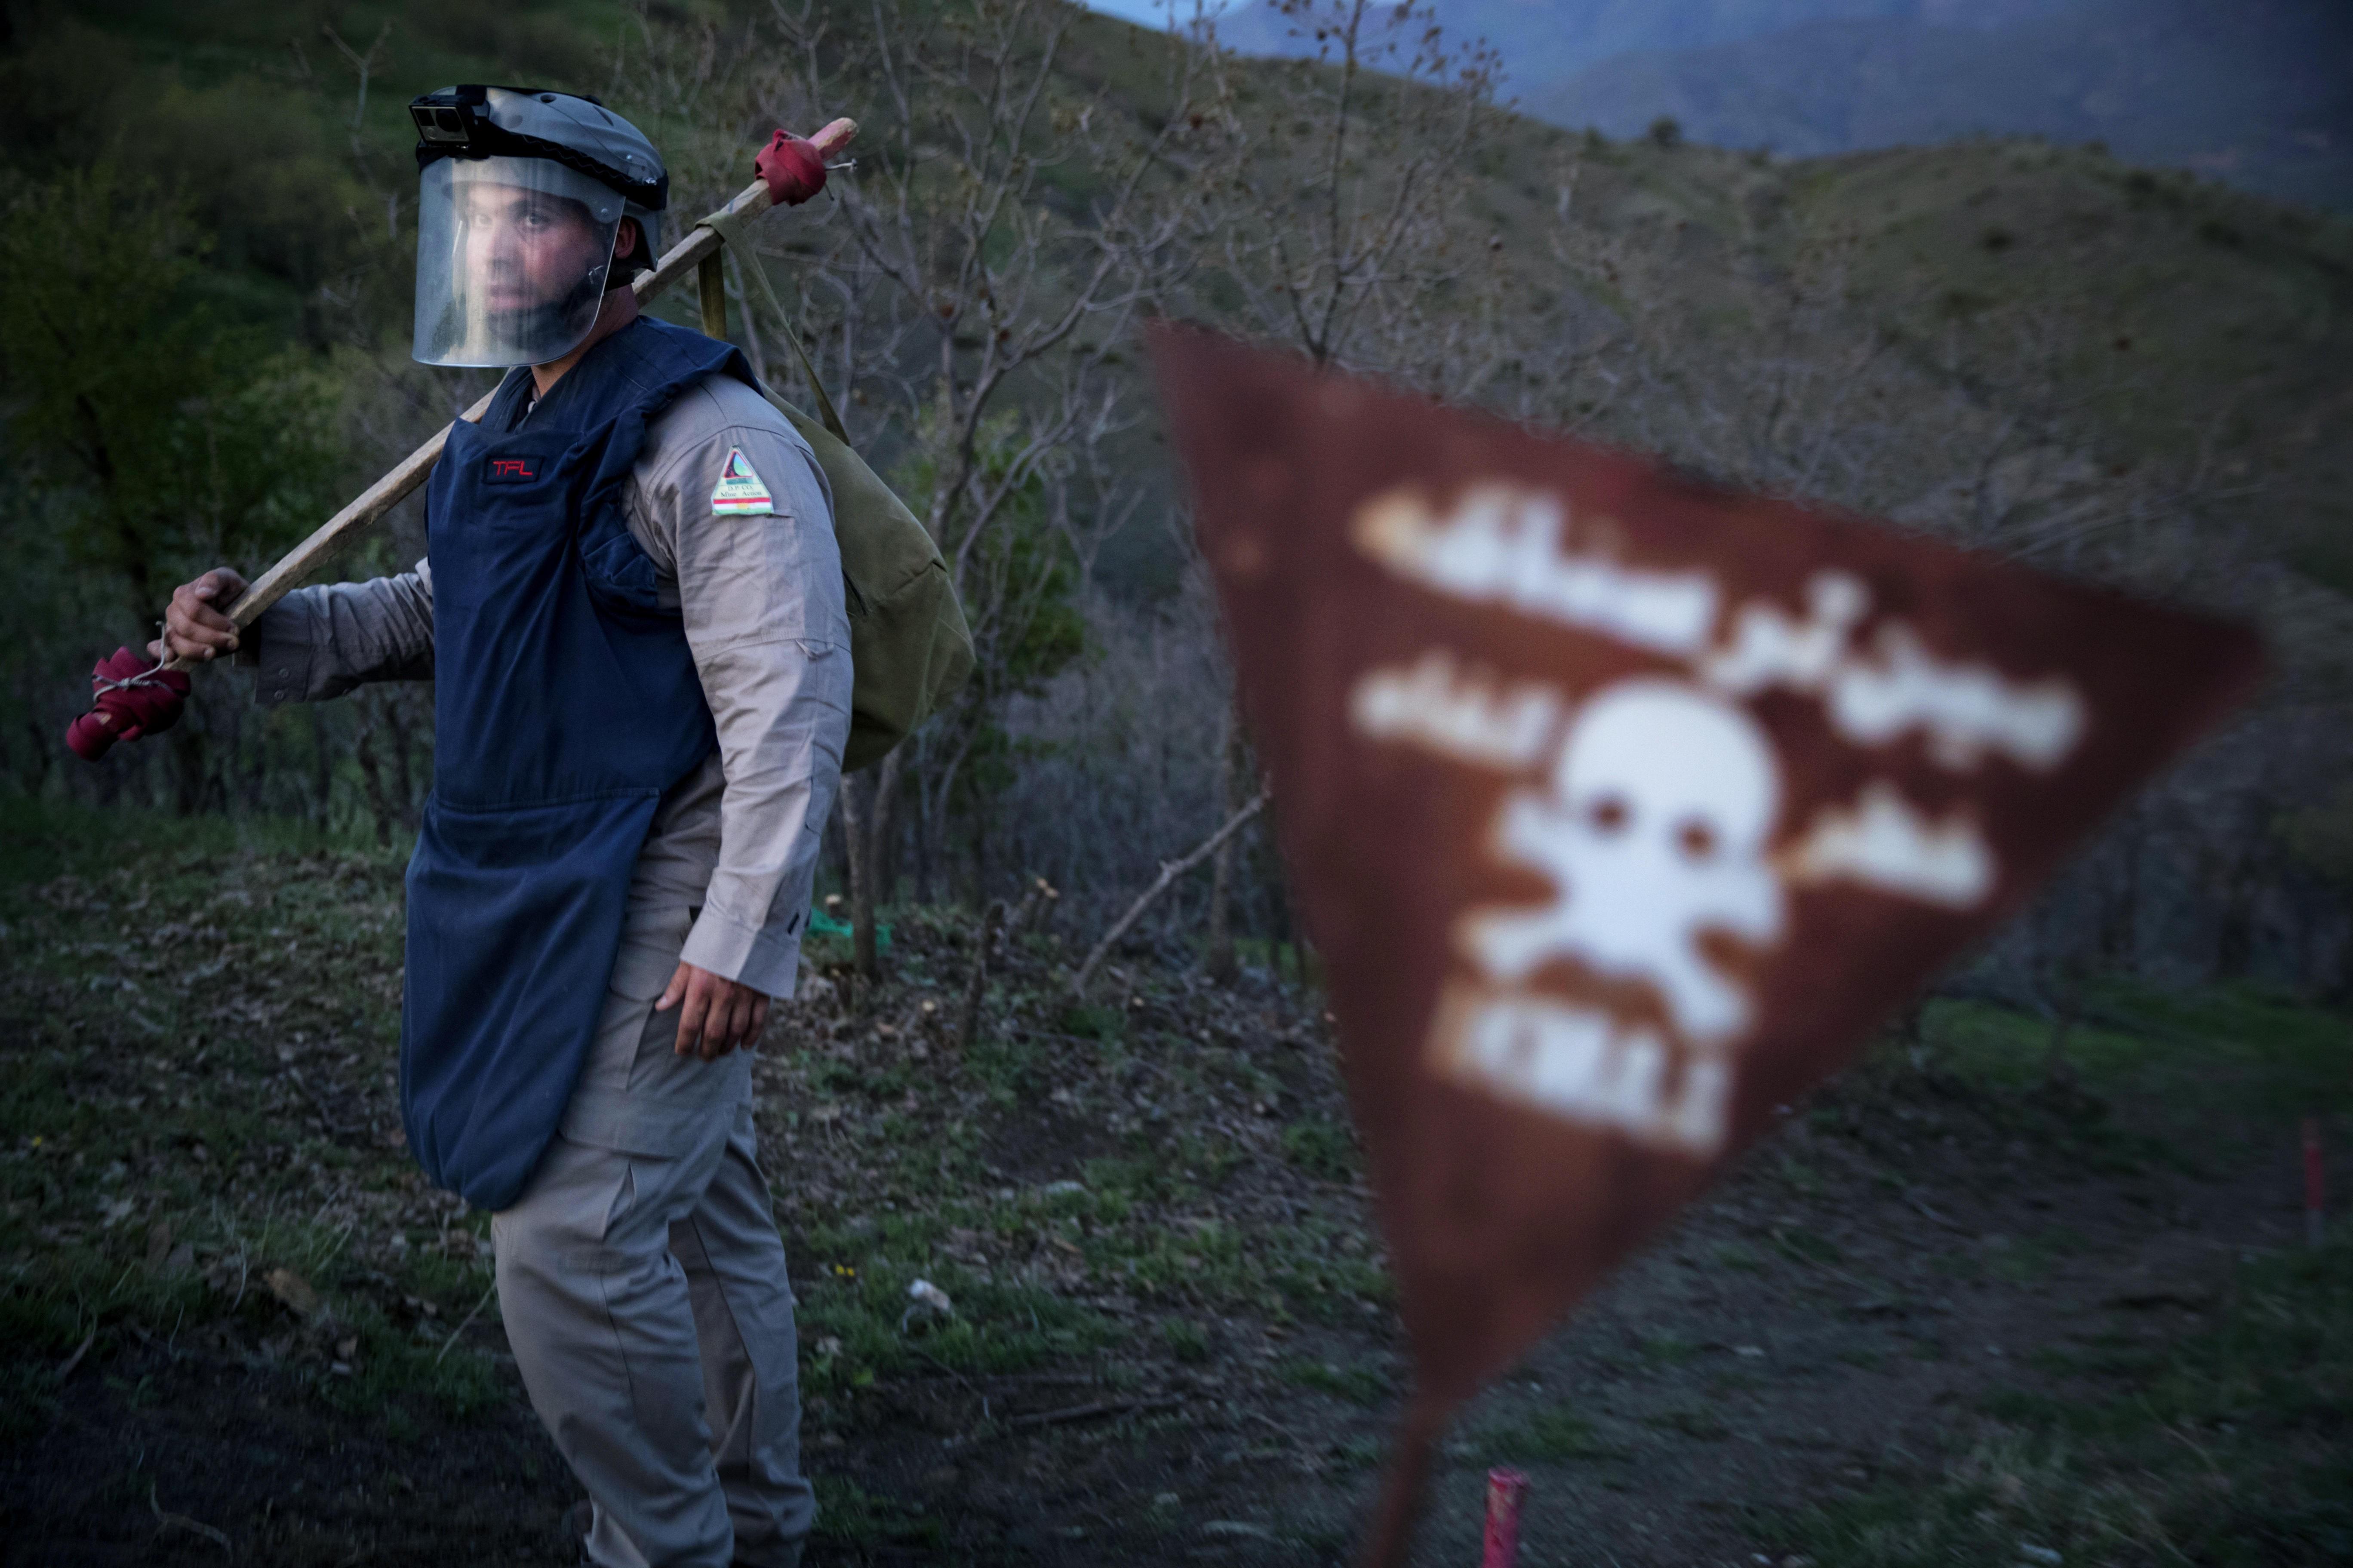 MARKERER LANDMINER: I grenseområdene mellom Irak og Iran står disse varselskiltene tett i tett. Flere millioner landminer ligger i området etter Irak–Iran krigen på 80-tallet. Audun i bakgrunnen.